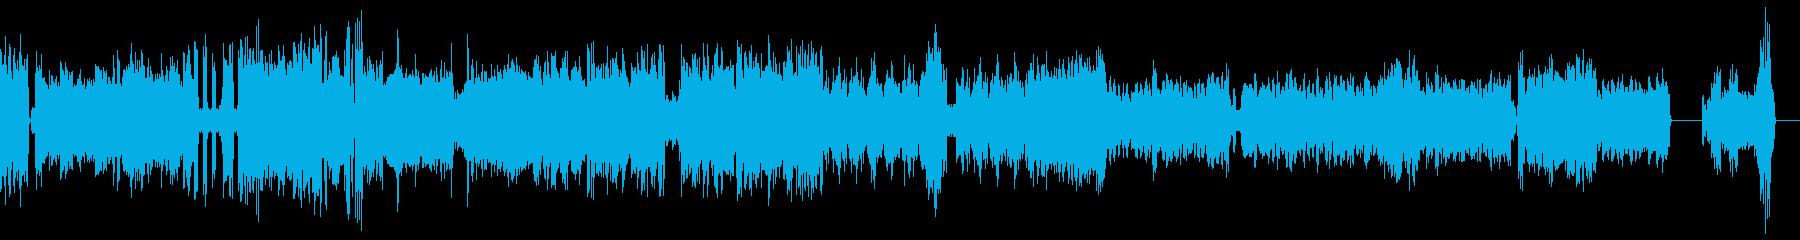 オリジナルのディキシーランドジャズ...の再生済みの波形